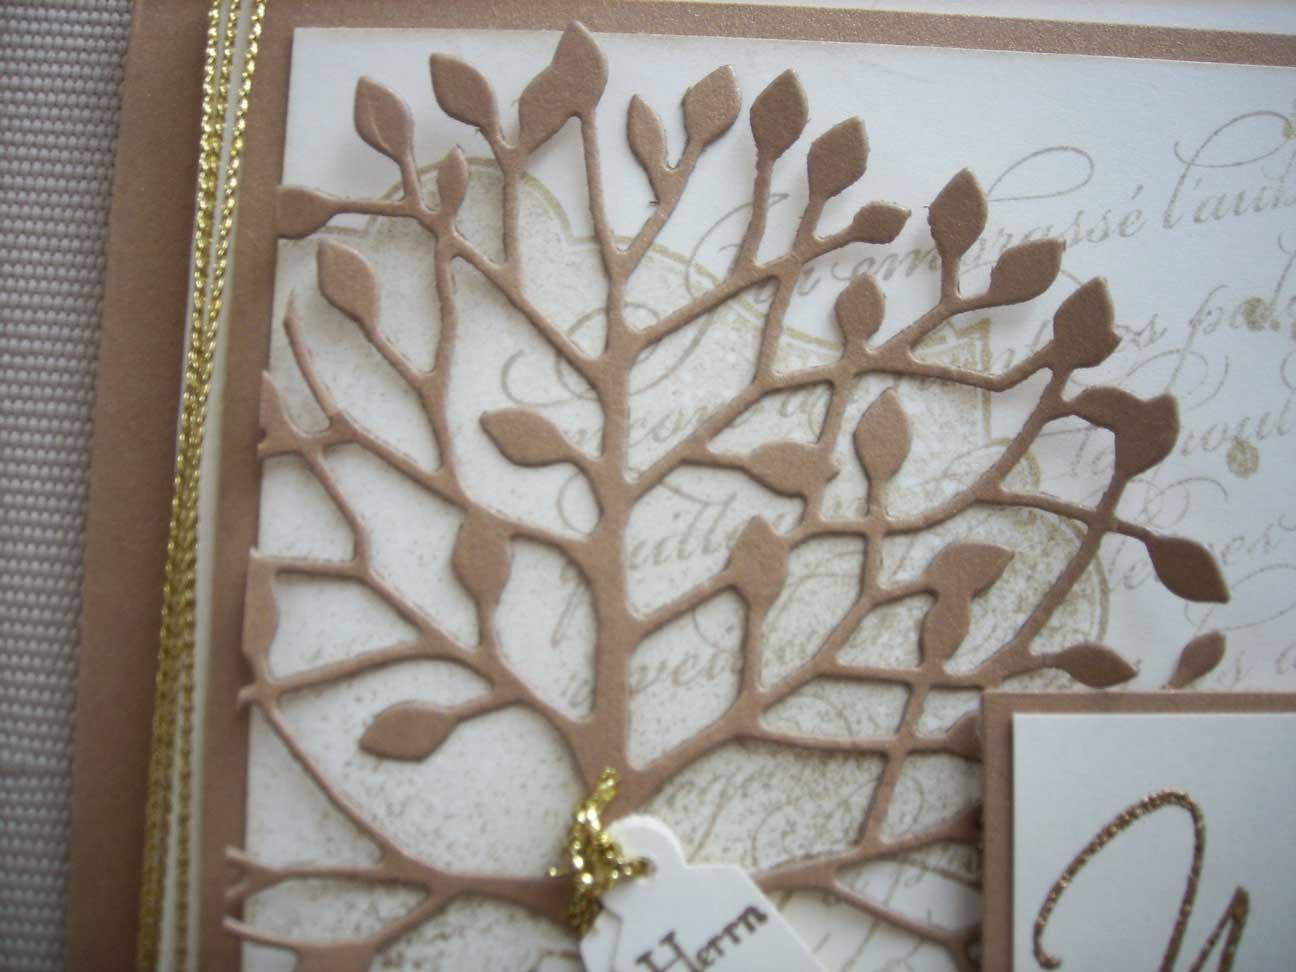 Seht Ihr Hier Im Hintergrund Den Schönen Stempel Aus Dem Set Everything  Eleanor   Ich Finde Das Set So Unbeschreiblich Vielseitig Und Hübsch (der  Baum Ist ...